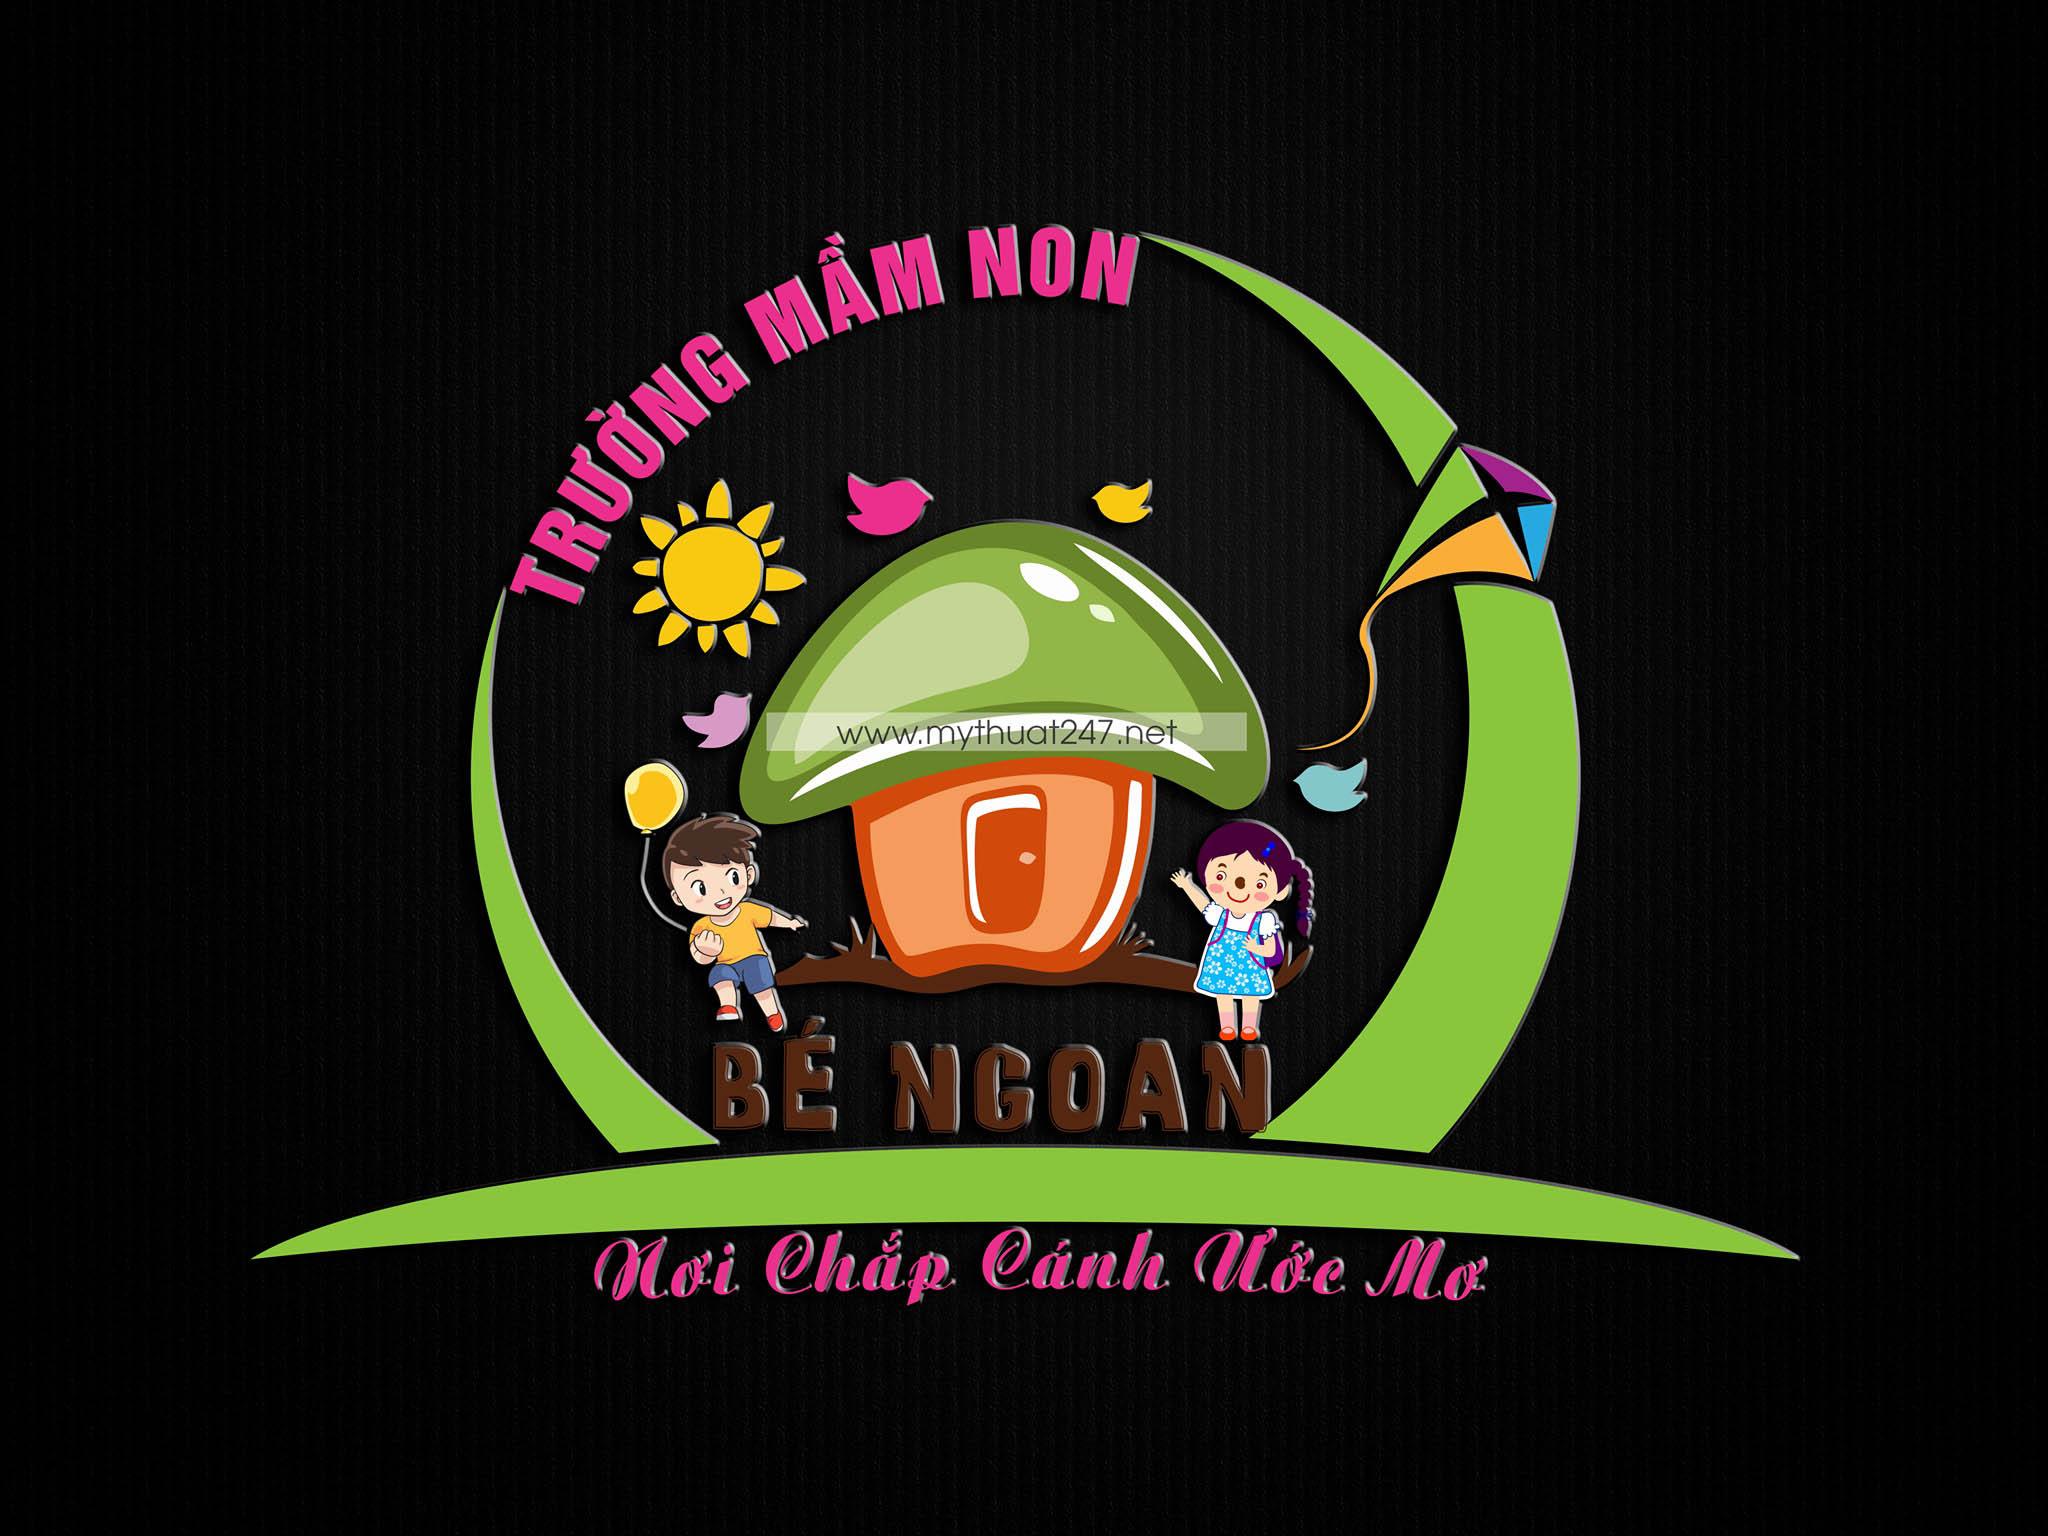 Thiết kế trường logo mần non Bé Ngoan